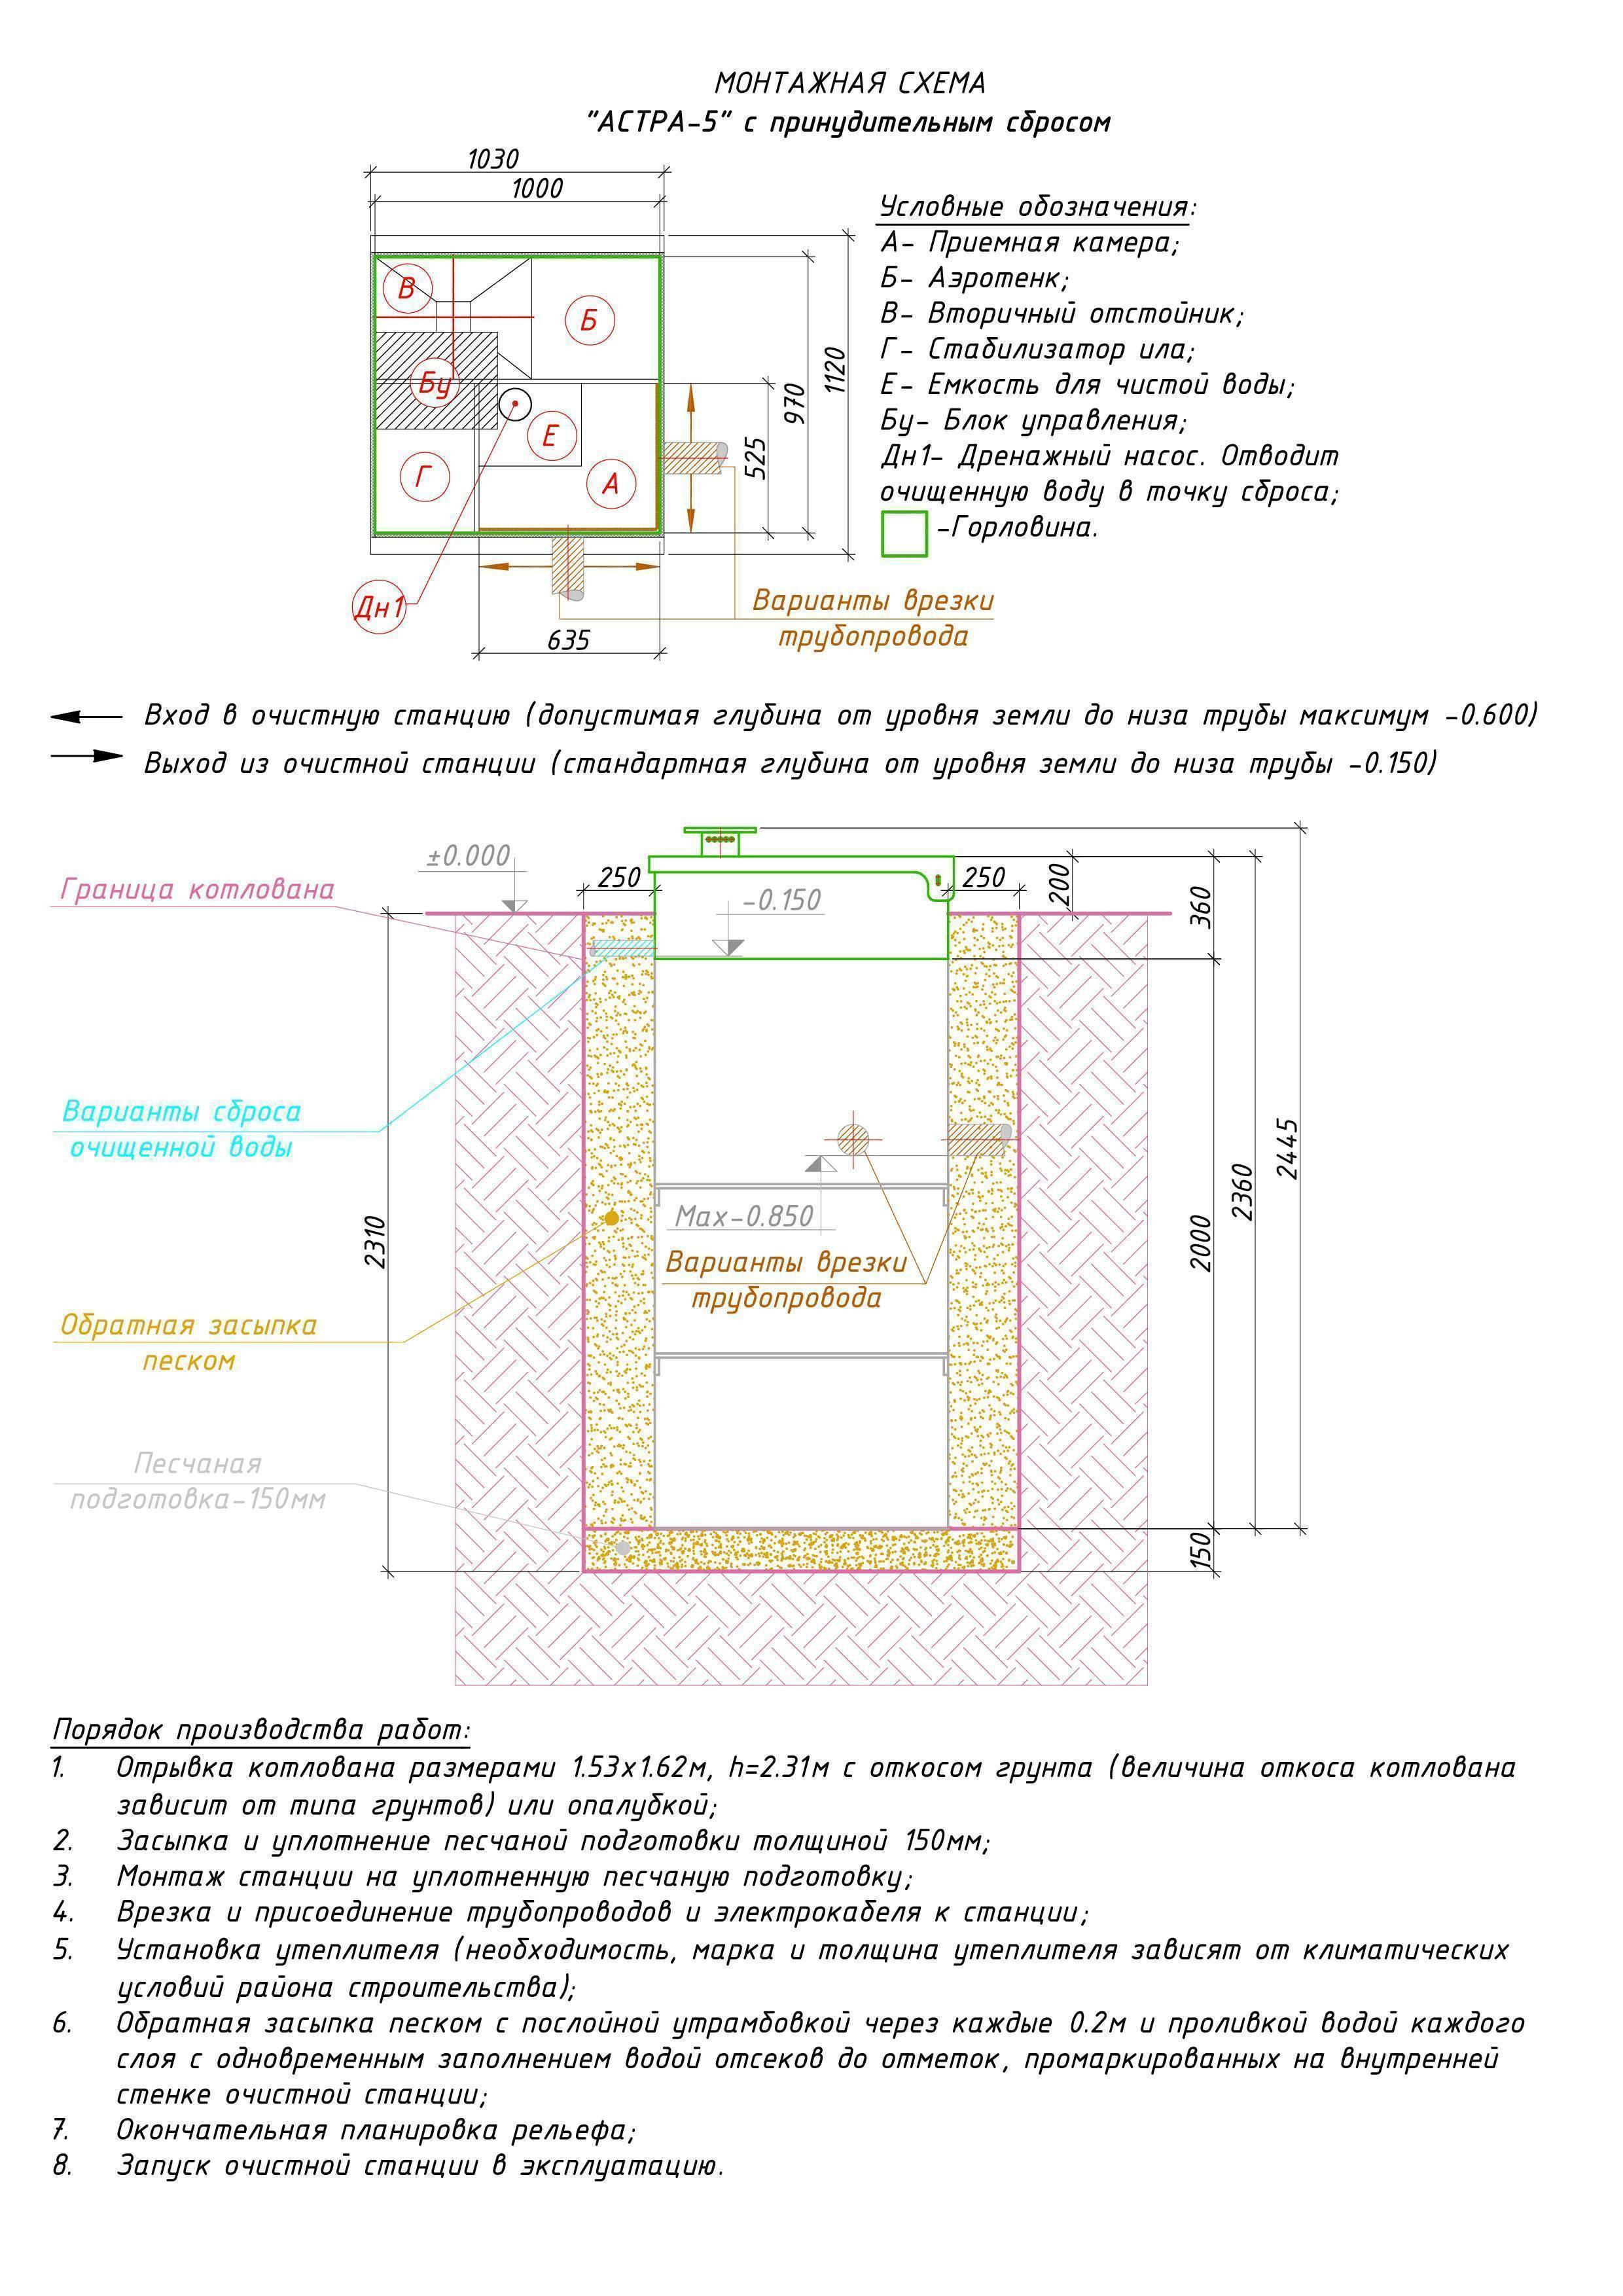 Септик юнилос инструкция по эксплуатации - все о септиках